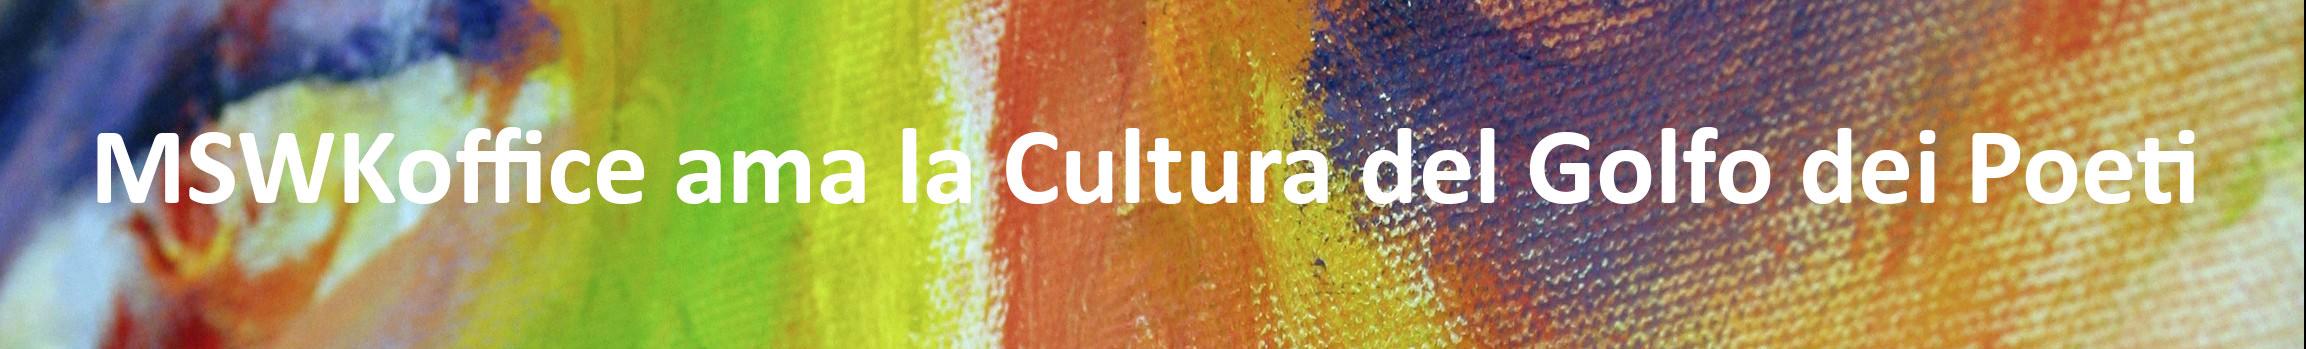 mswkoffice-ama-la-cultura-del-golfo-dei-poeti